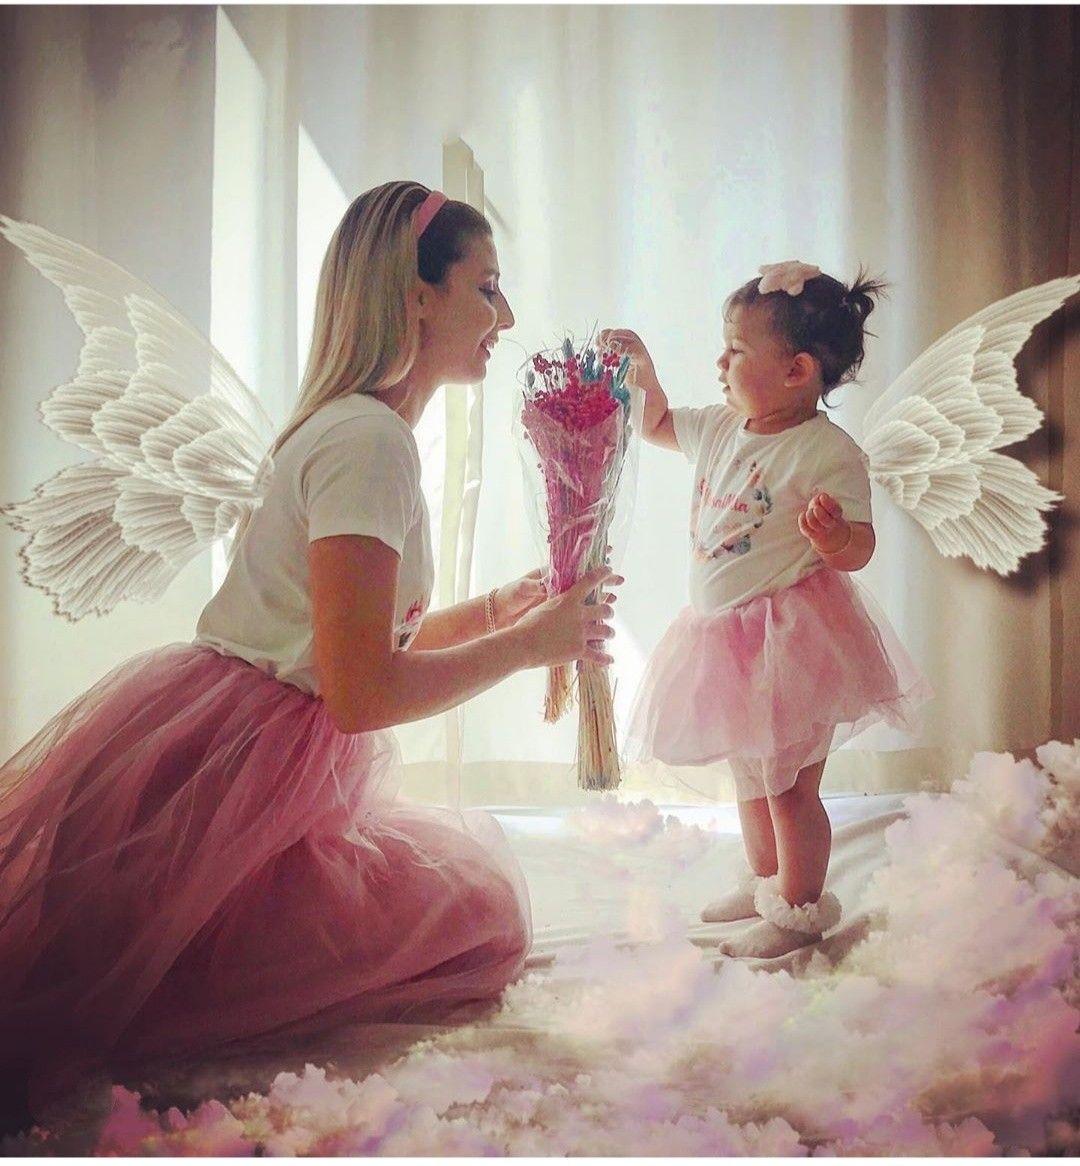 #angel #foto #motherchild #motherdaughter #combinations #annekizkombin